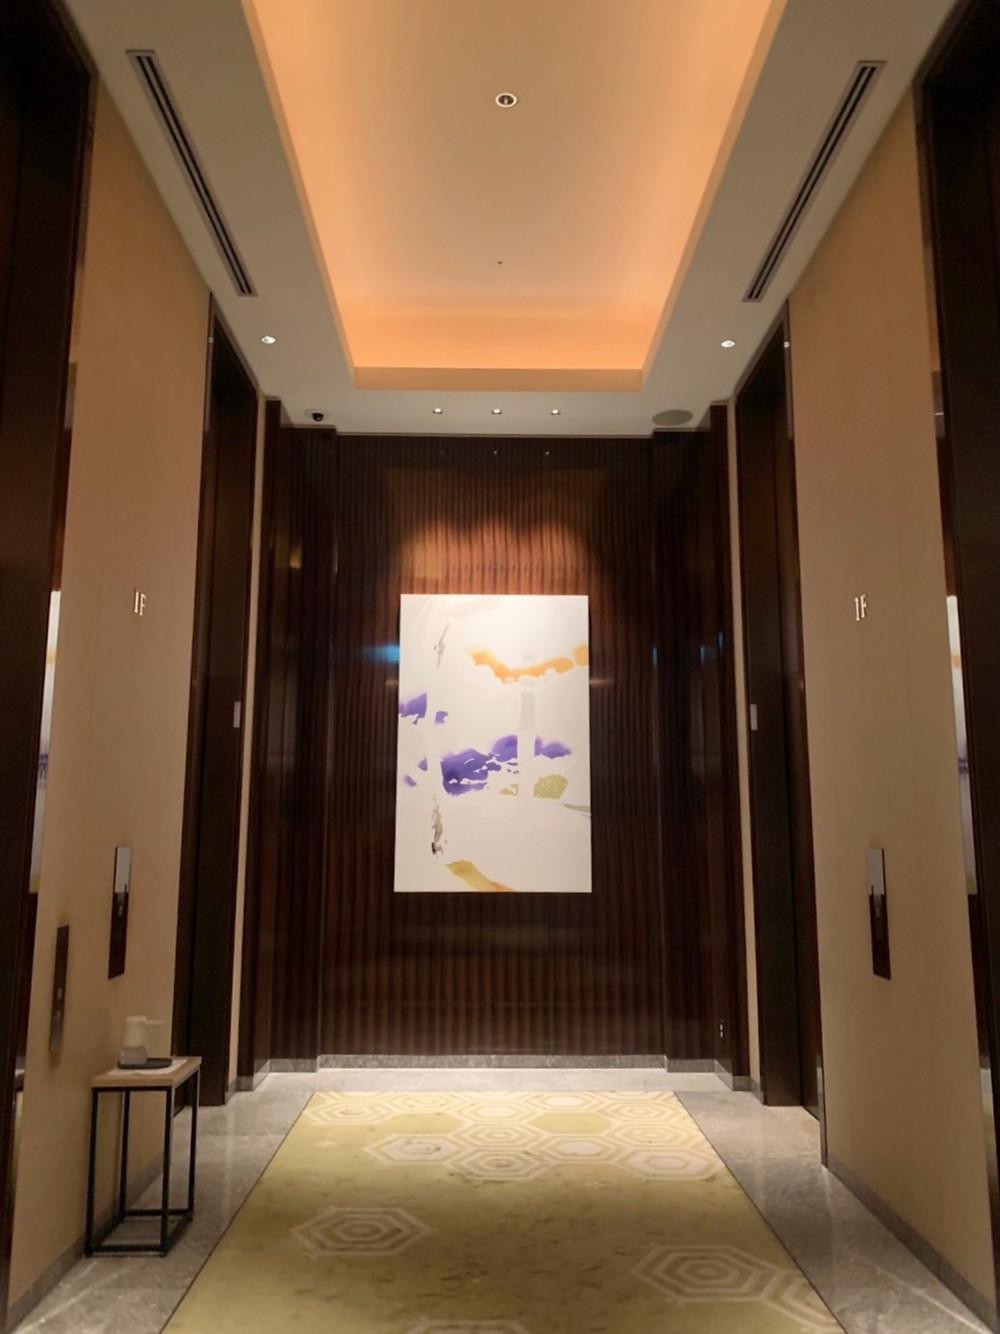 パレスホテル東京のアートの様子